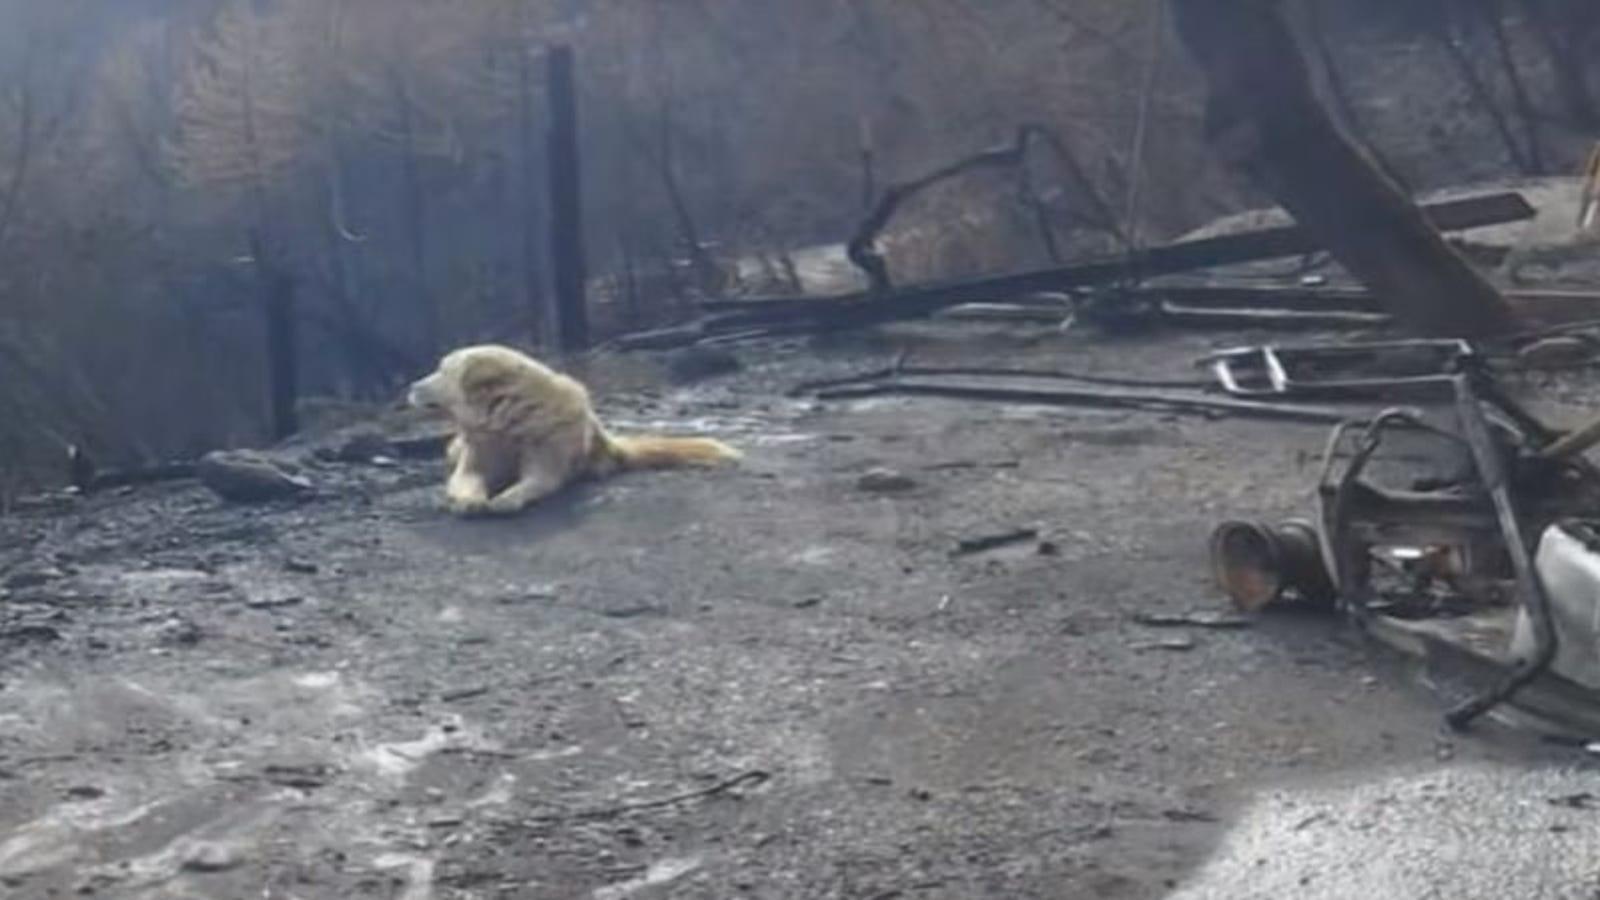 Un perro ha esperado un mes el regreso de su dueña entre los restos de su casa tras el letal incendio de California